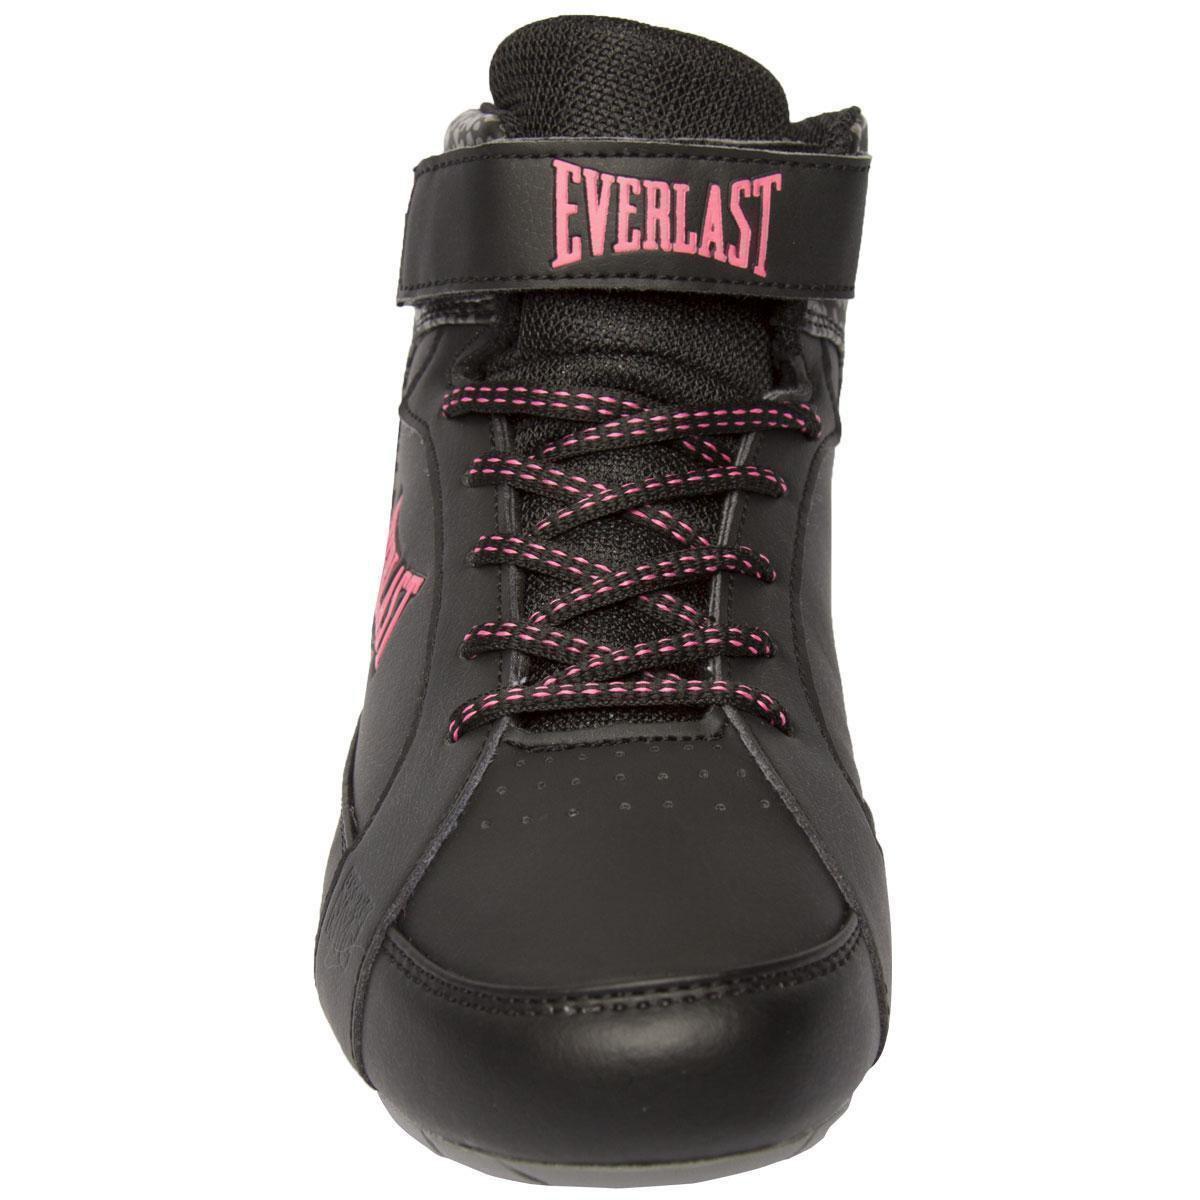 Preto Tênis Pink Tênis Everlast Jump Everlast e 2 R0RzXrpq6W